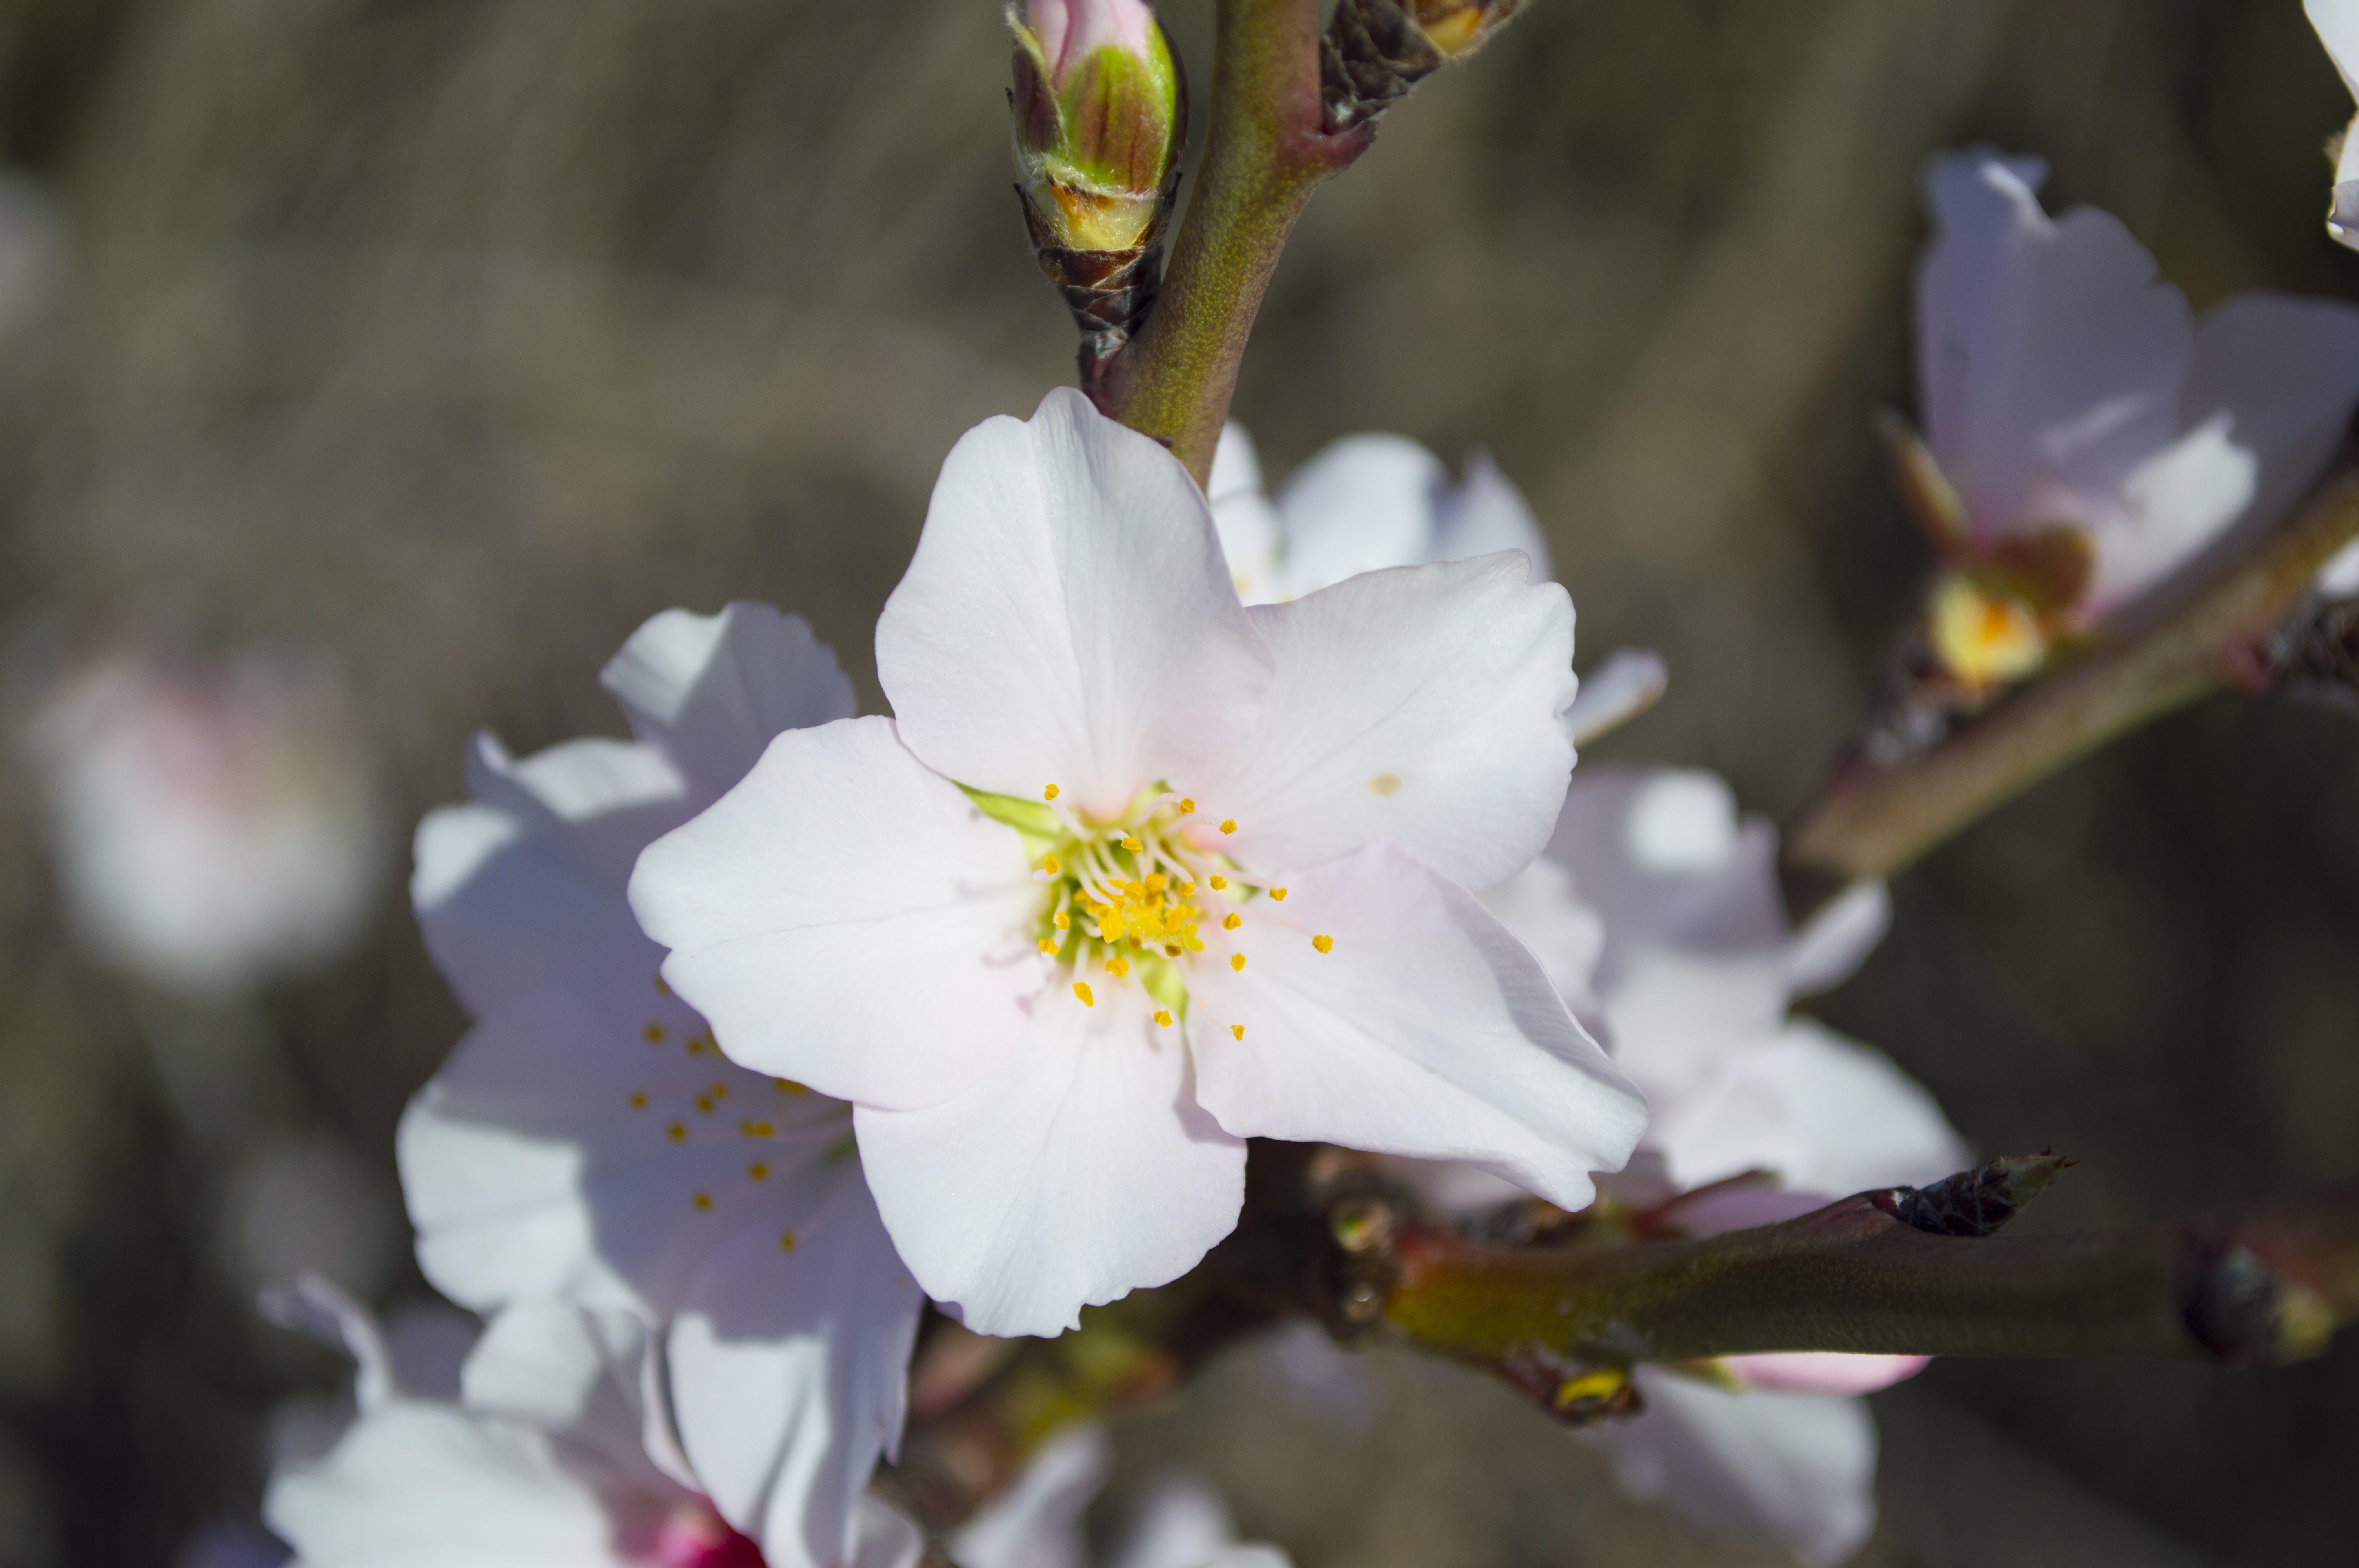 White 5 Petaled Flower during Daytime